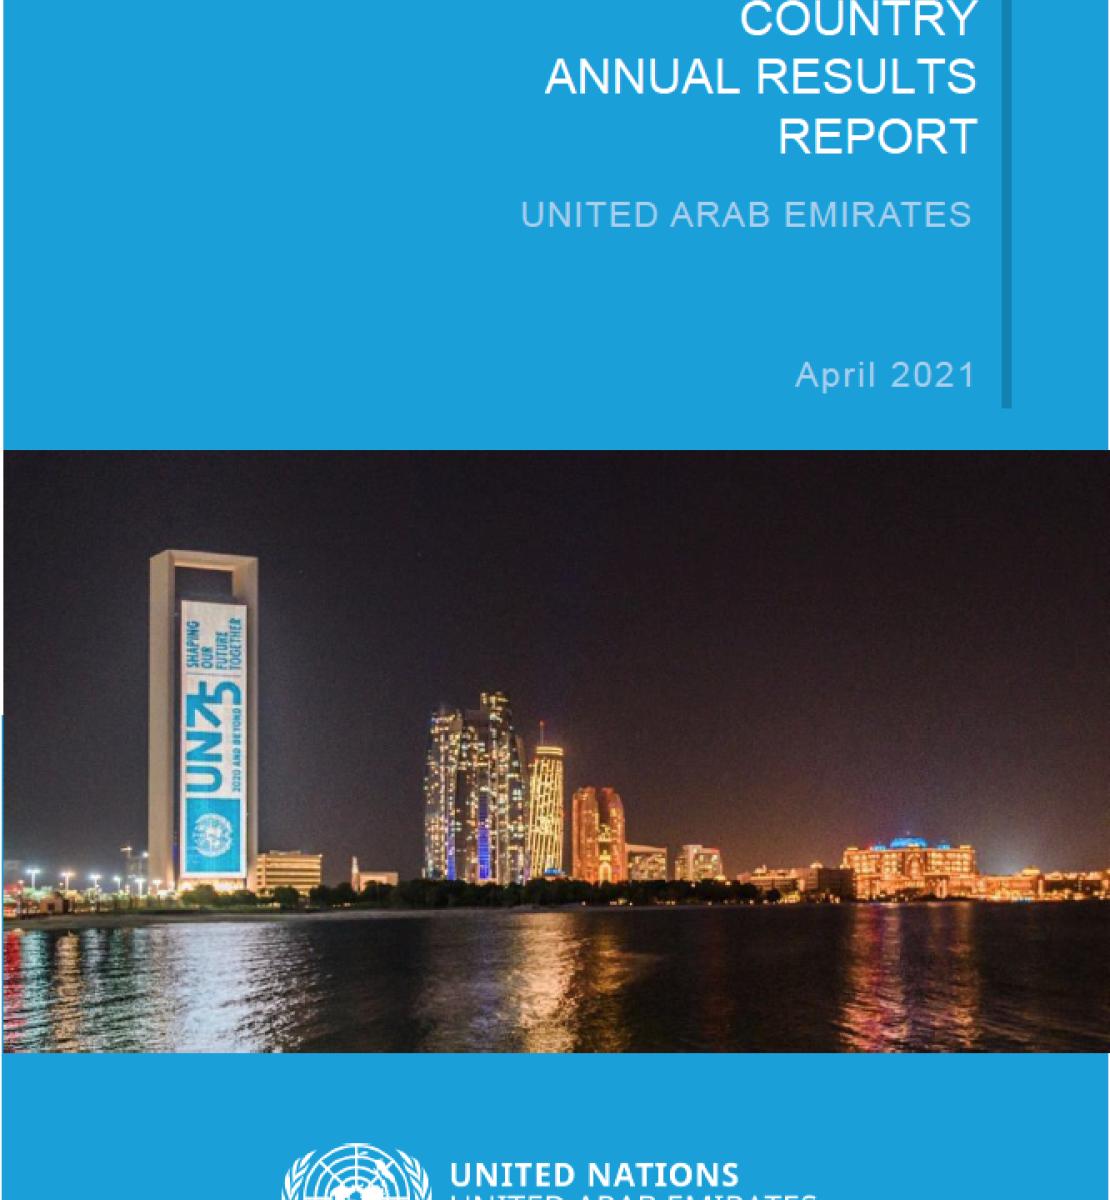 Couverture de rapport de couleur bleue sur laquelle figurent, en lettres blanches et en anglais, le titre « Rapport annuel 2020 des Nations Unies sur les résultats par pays pour les Émirats arabes unis » ainsi que le logo de l'ONU, en bas de page. Au milieu de la couverture se trouve une photo montrant une baie et des bâtiments illuminés de nuit, avec notamment, à gauche, une grande tour sur laquelle est affiché un gigantesque panneau où l'on peut lire « UN 75 ».